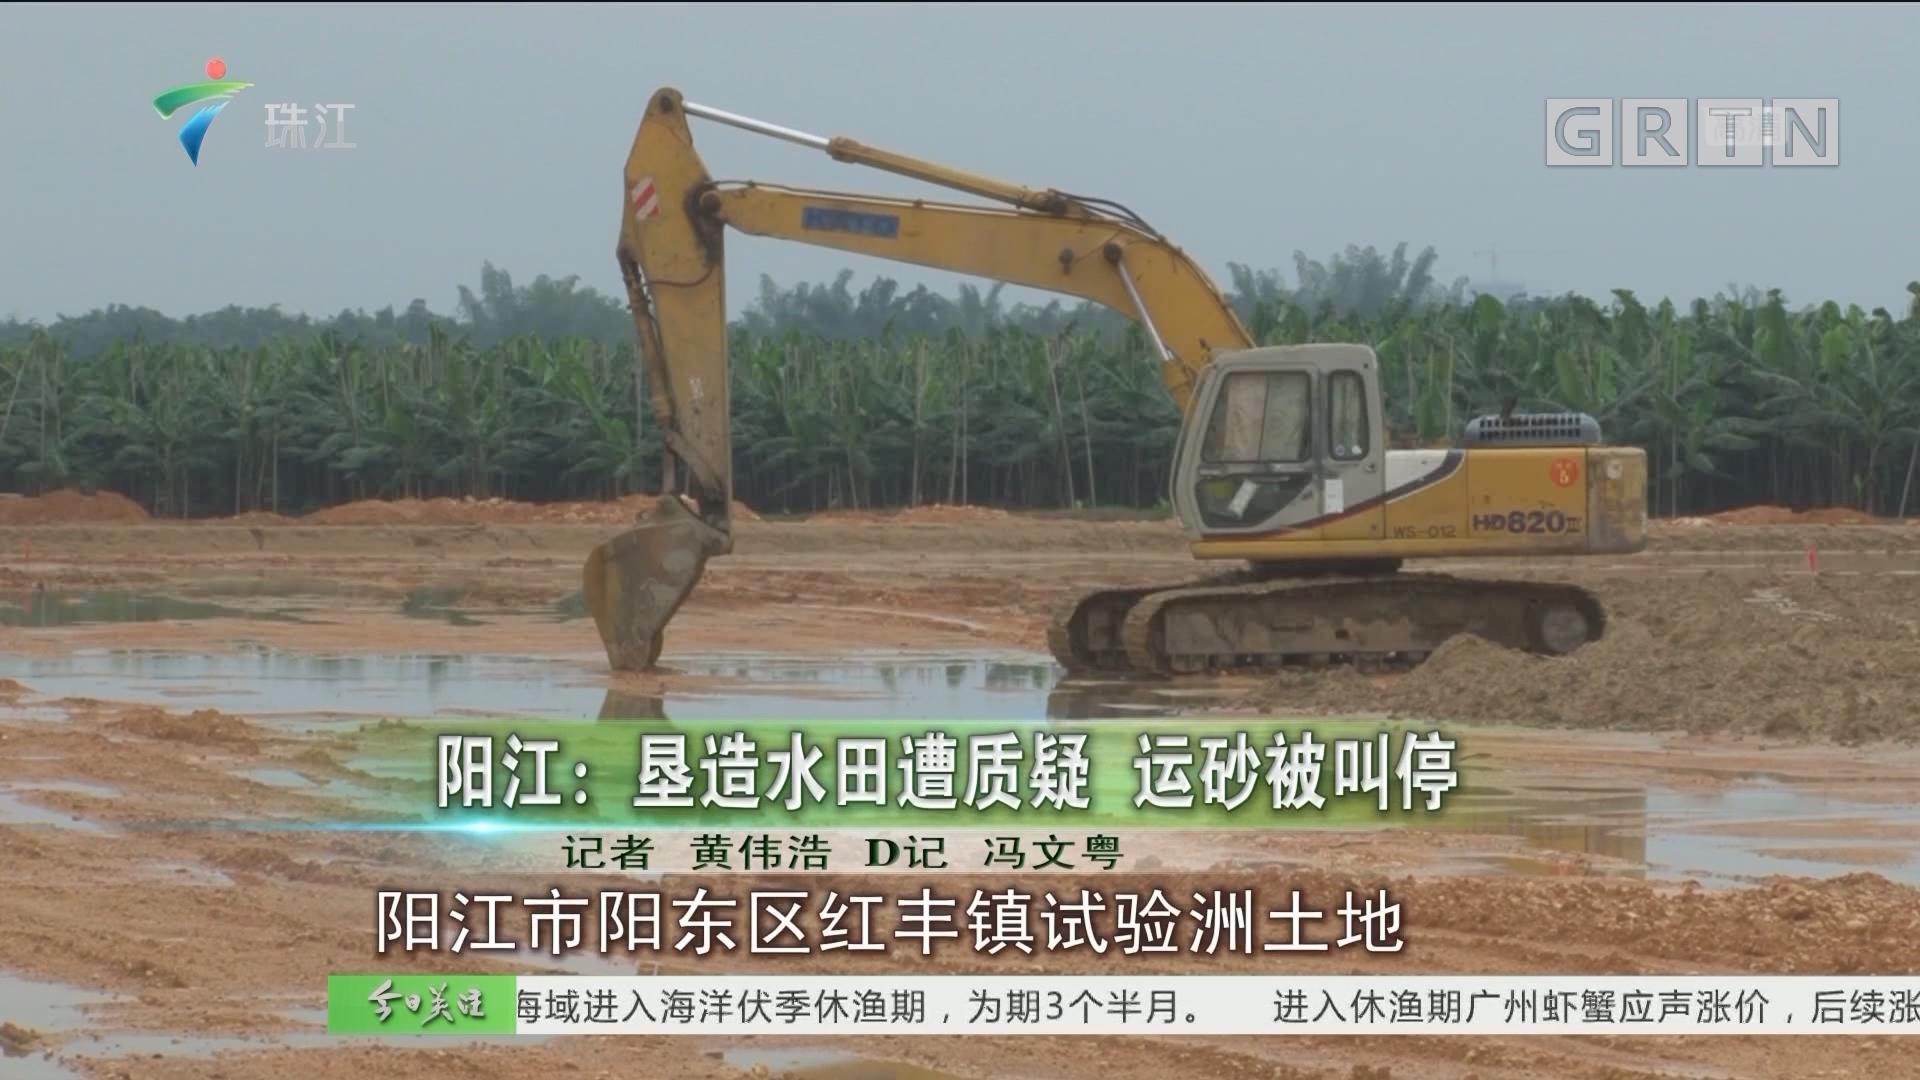 阳江:垦造水田遭质疑 运砂被叫停